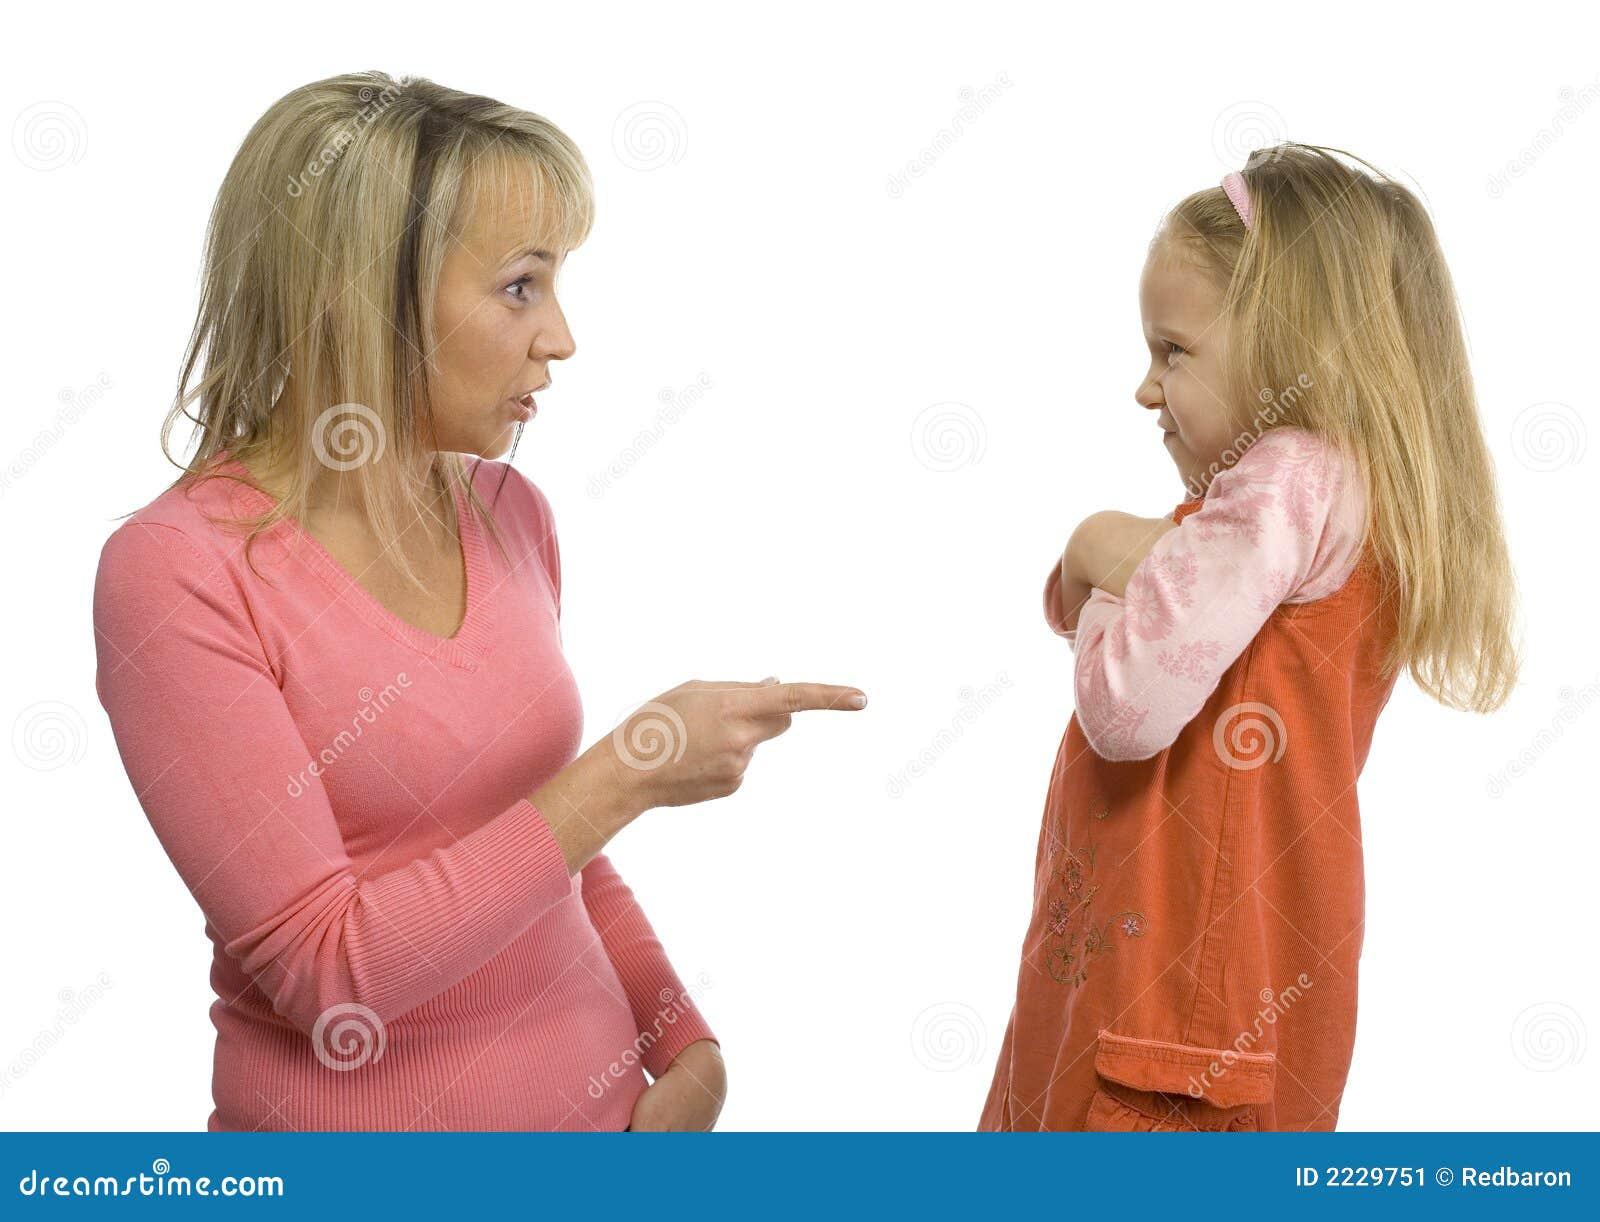 Как сделать если ребенок не слушается